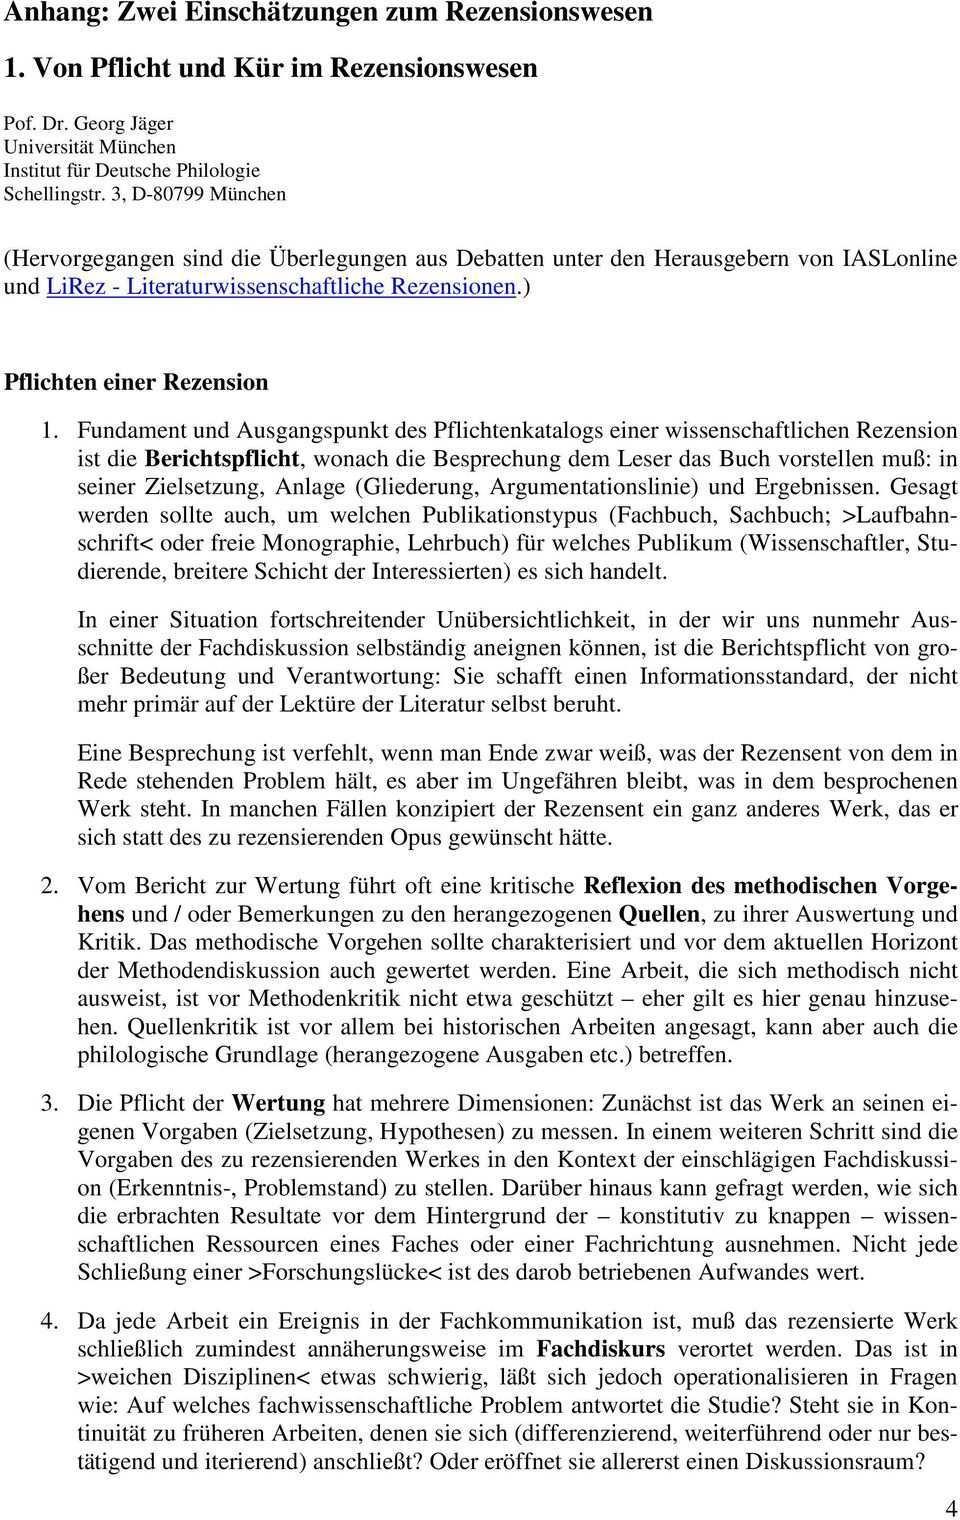 Wie Schreibt Man Rezensionen Oder Die Rezension In Wissenschaftlichen Fachzeitschriften Pdf Free Download